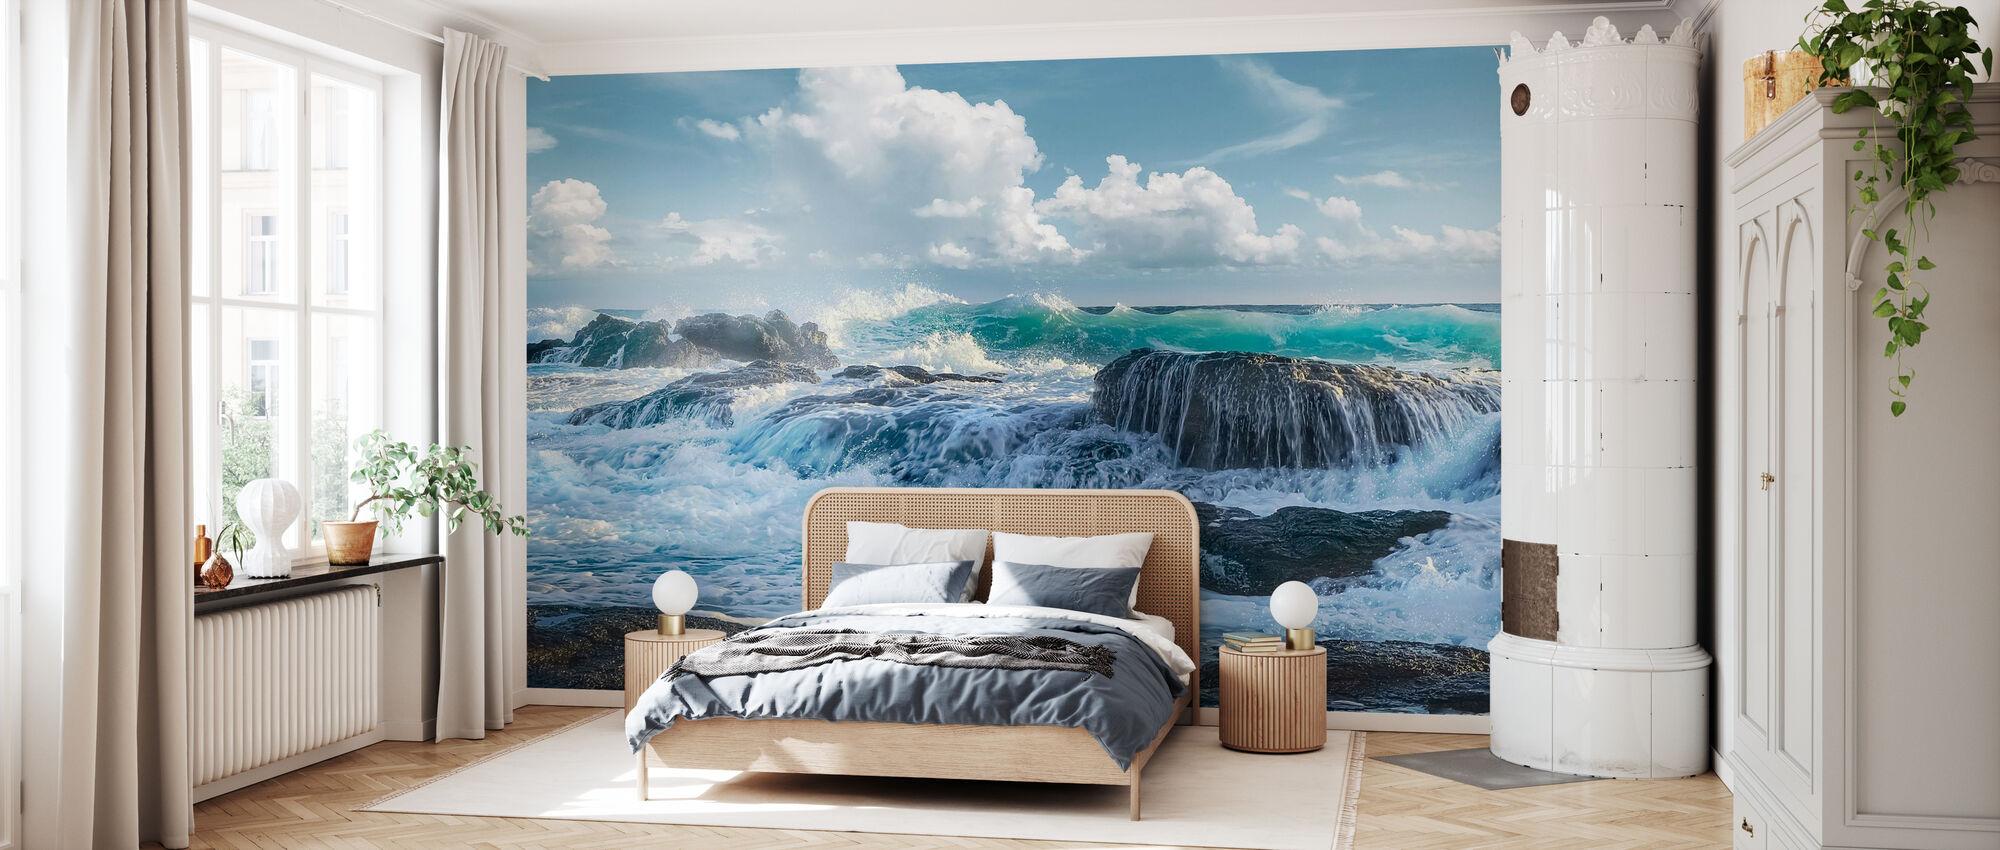 Effervescent - Wallpaper - Bedroom